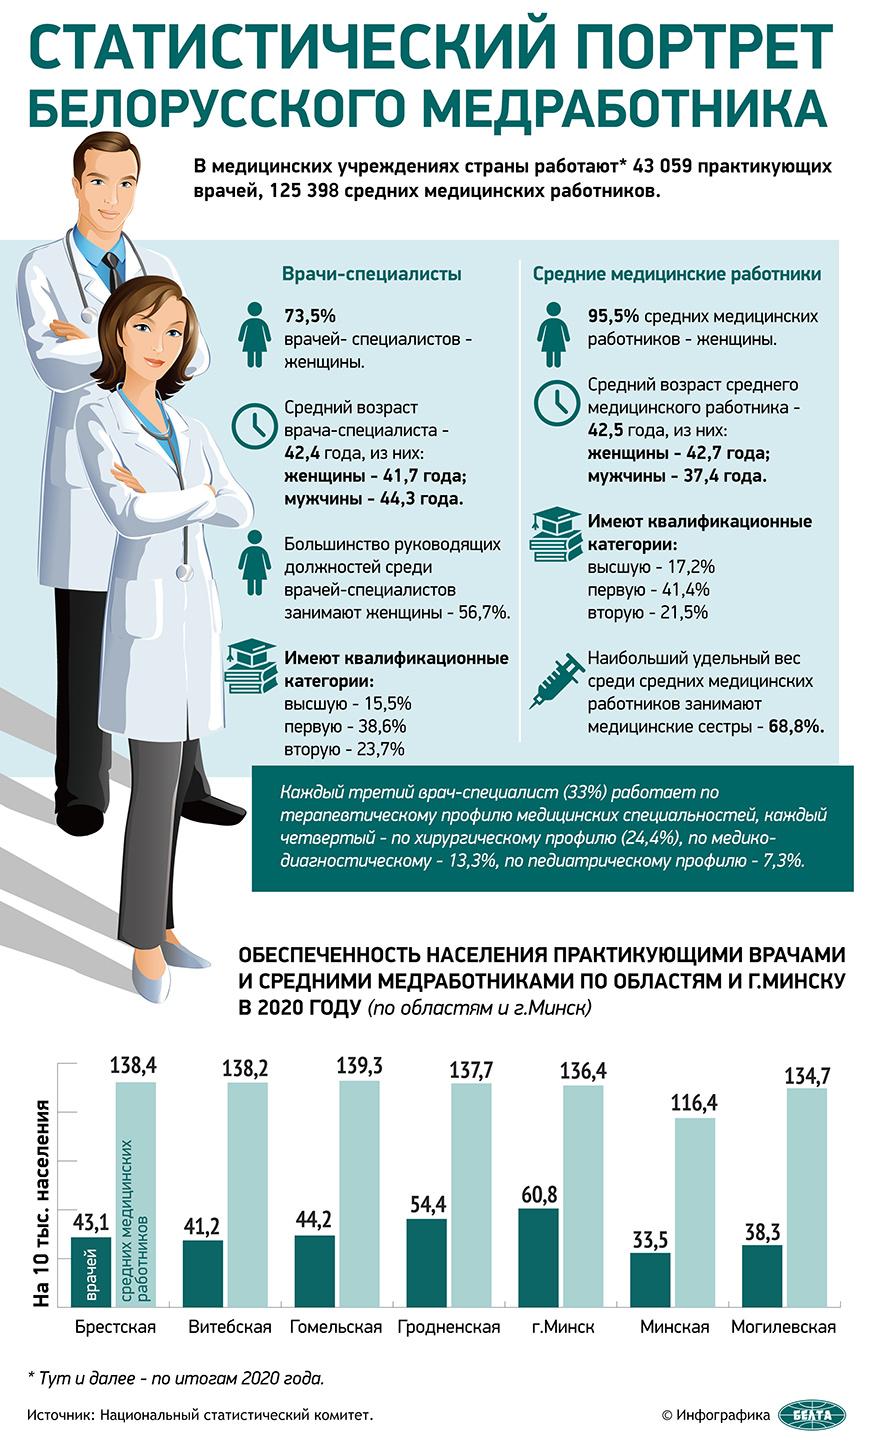 Статистический портрет белорусского медработника